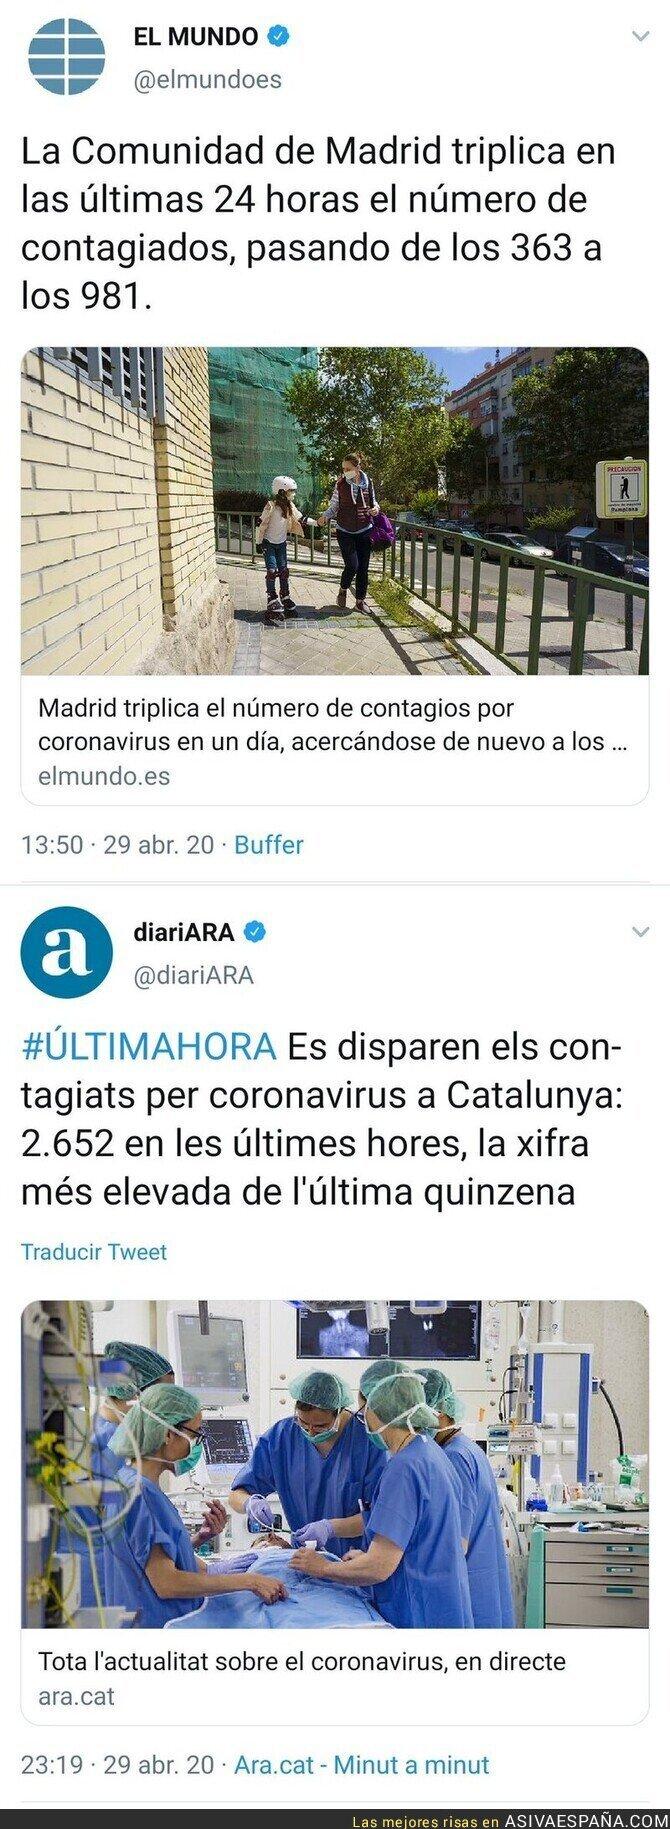 147071 - Se han disparado los contagios en Madrid y Catalunya. Dos semanas después del retorno al trabajo exigido por la Patronal y la derecha.